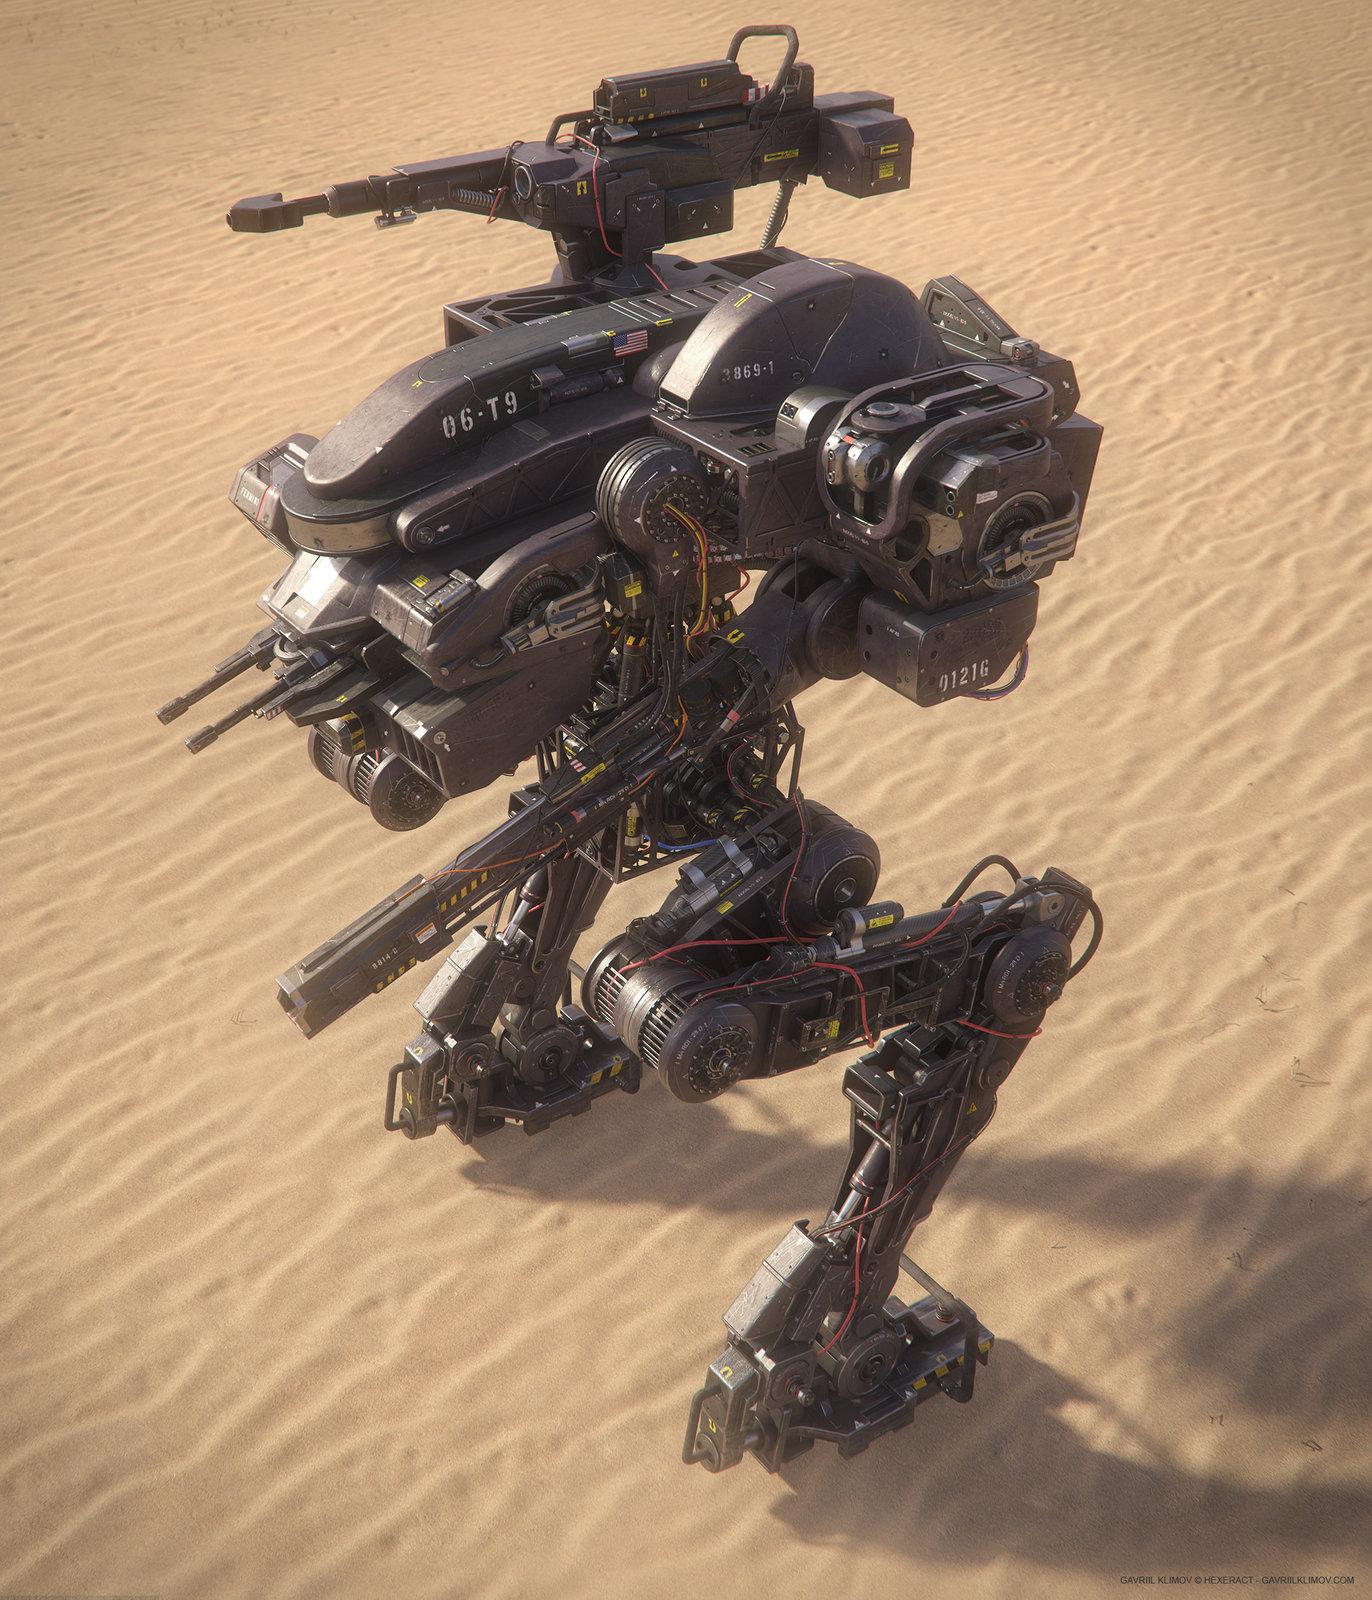 UNIT 06-T9 : Desert